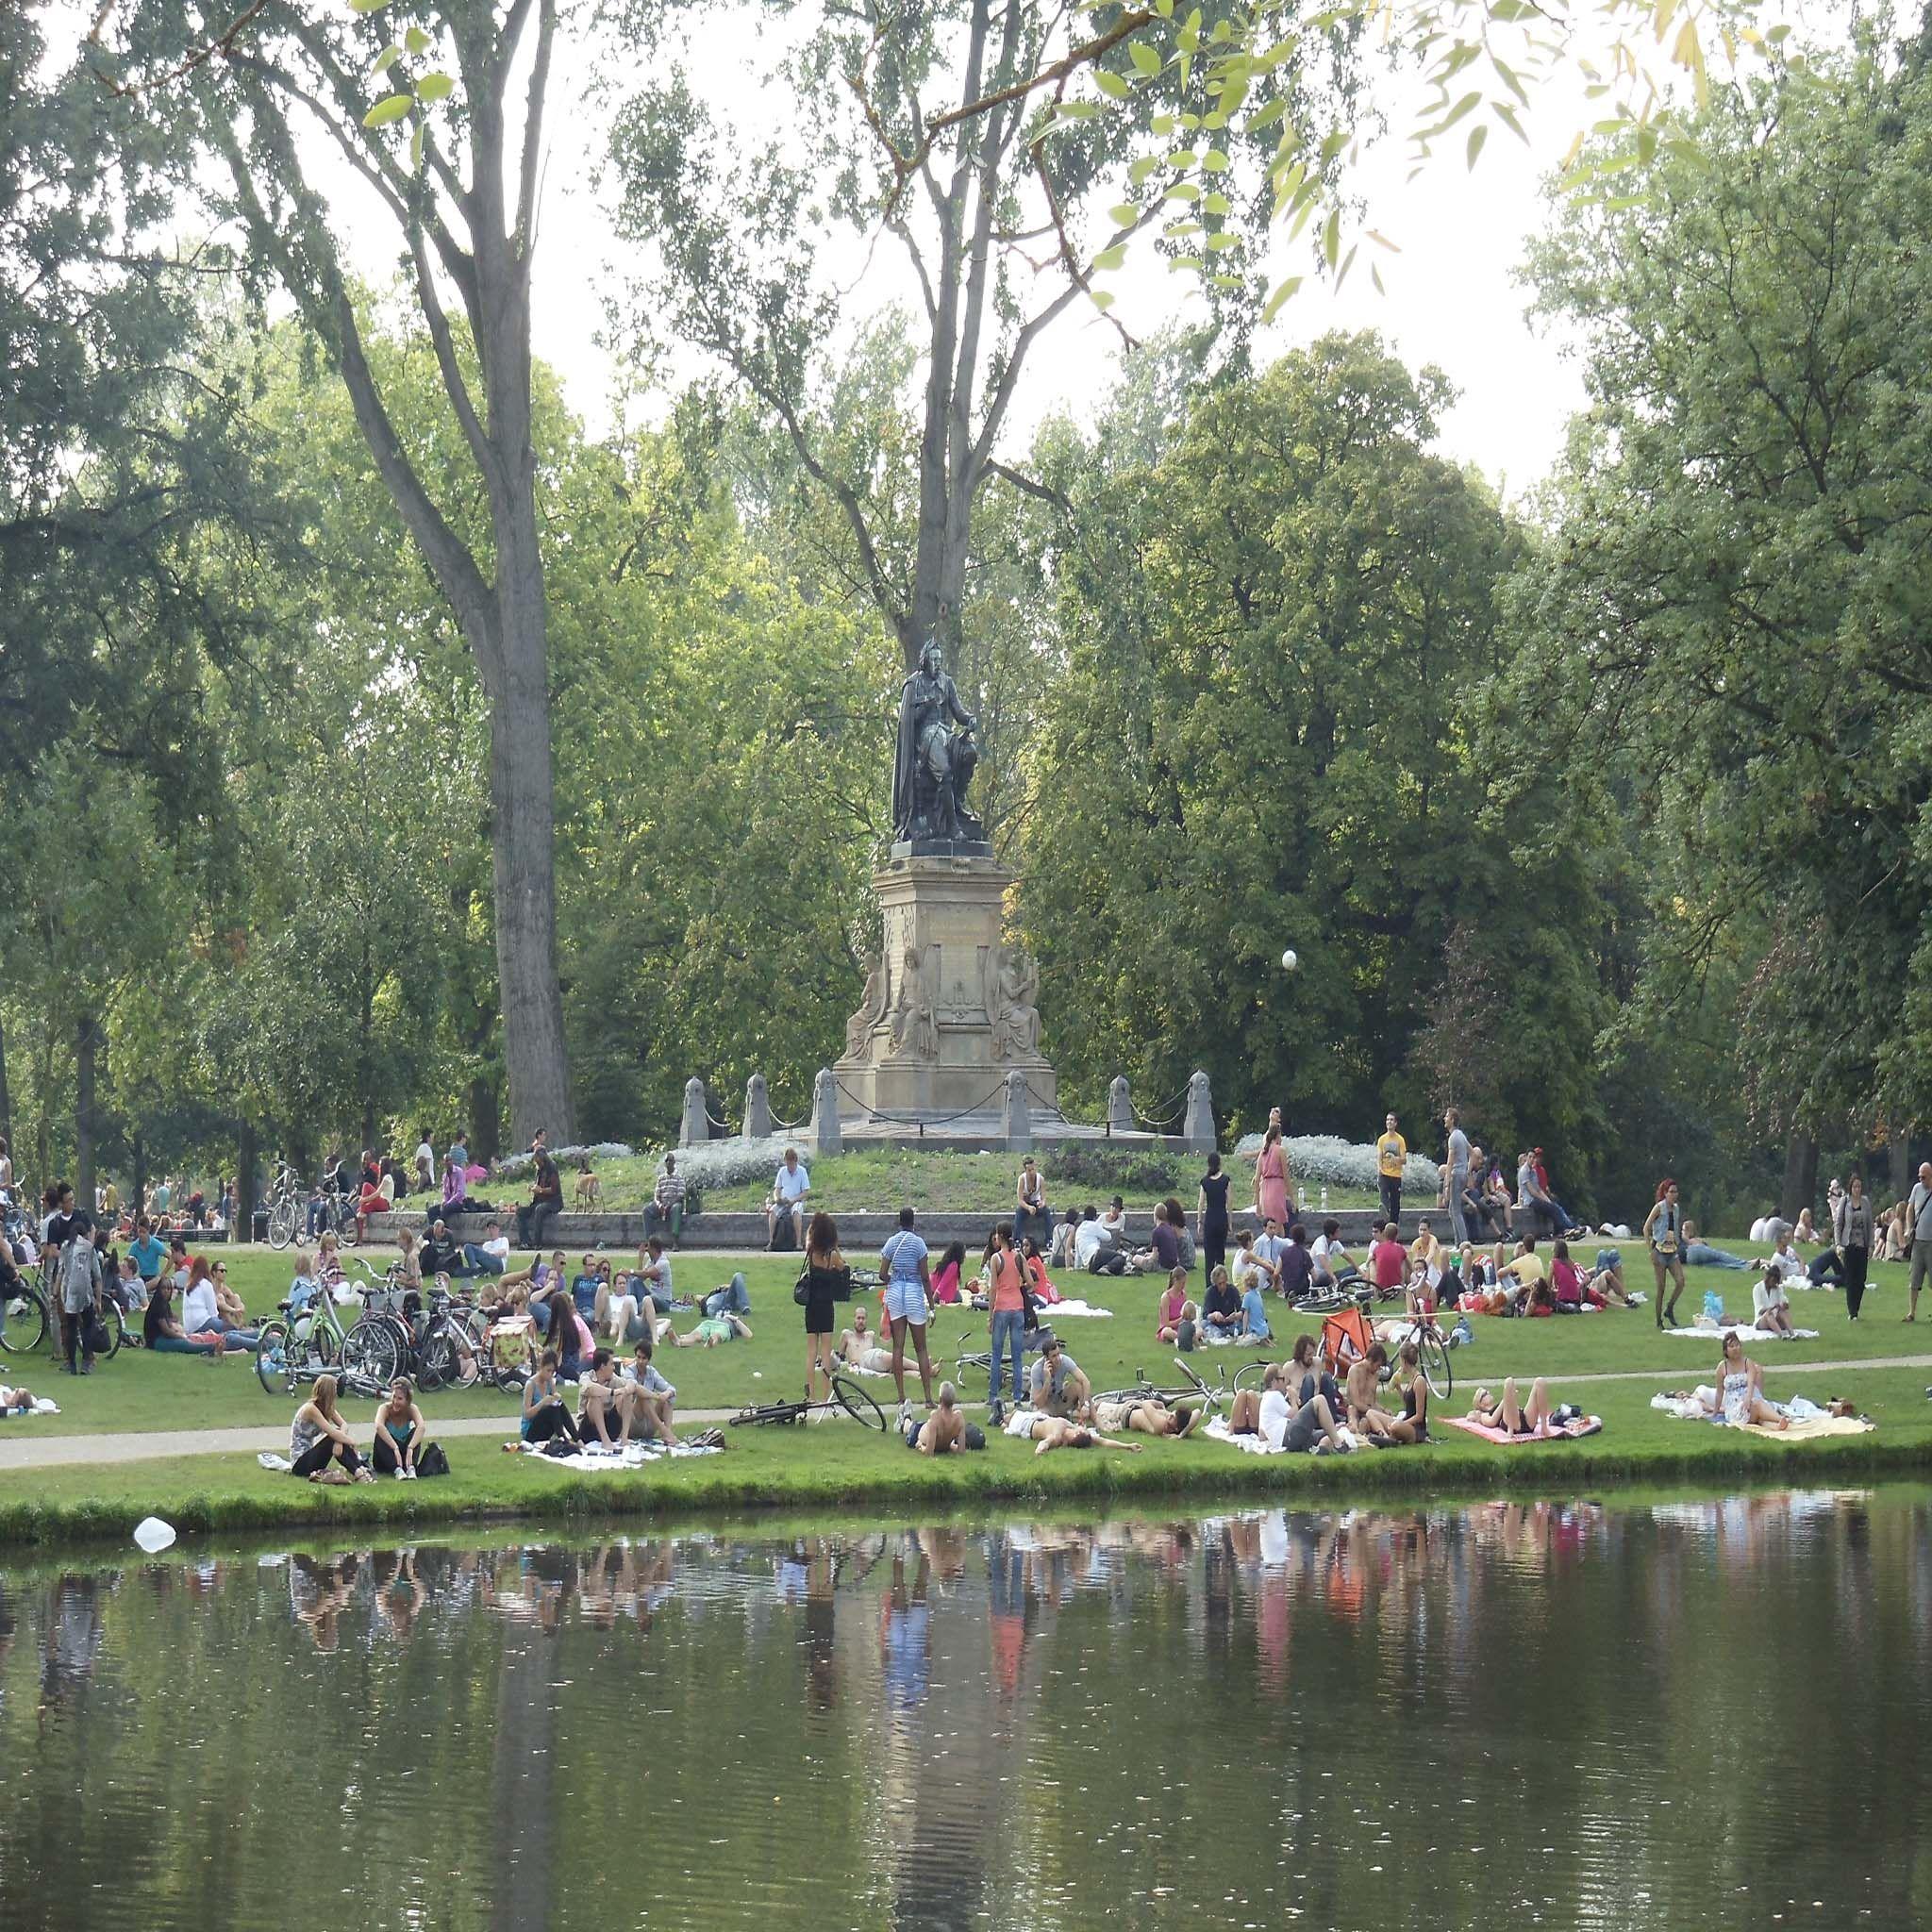 Amsterdã - Parque Vondel